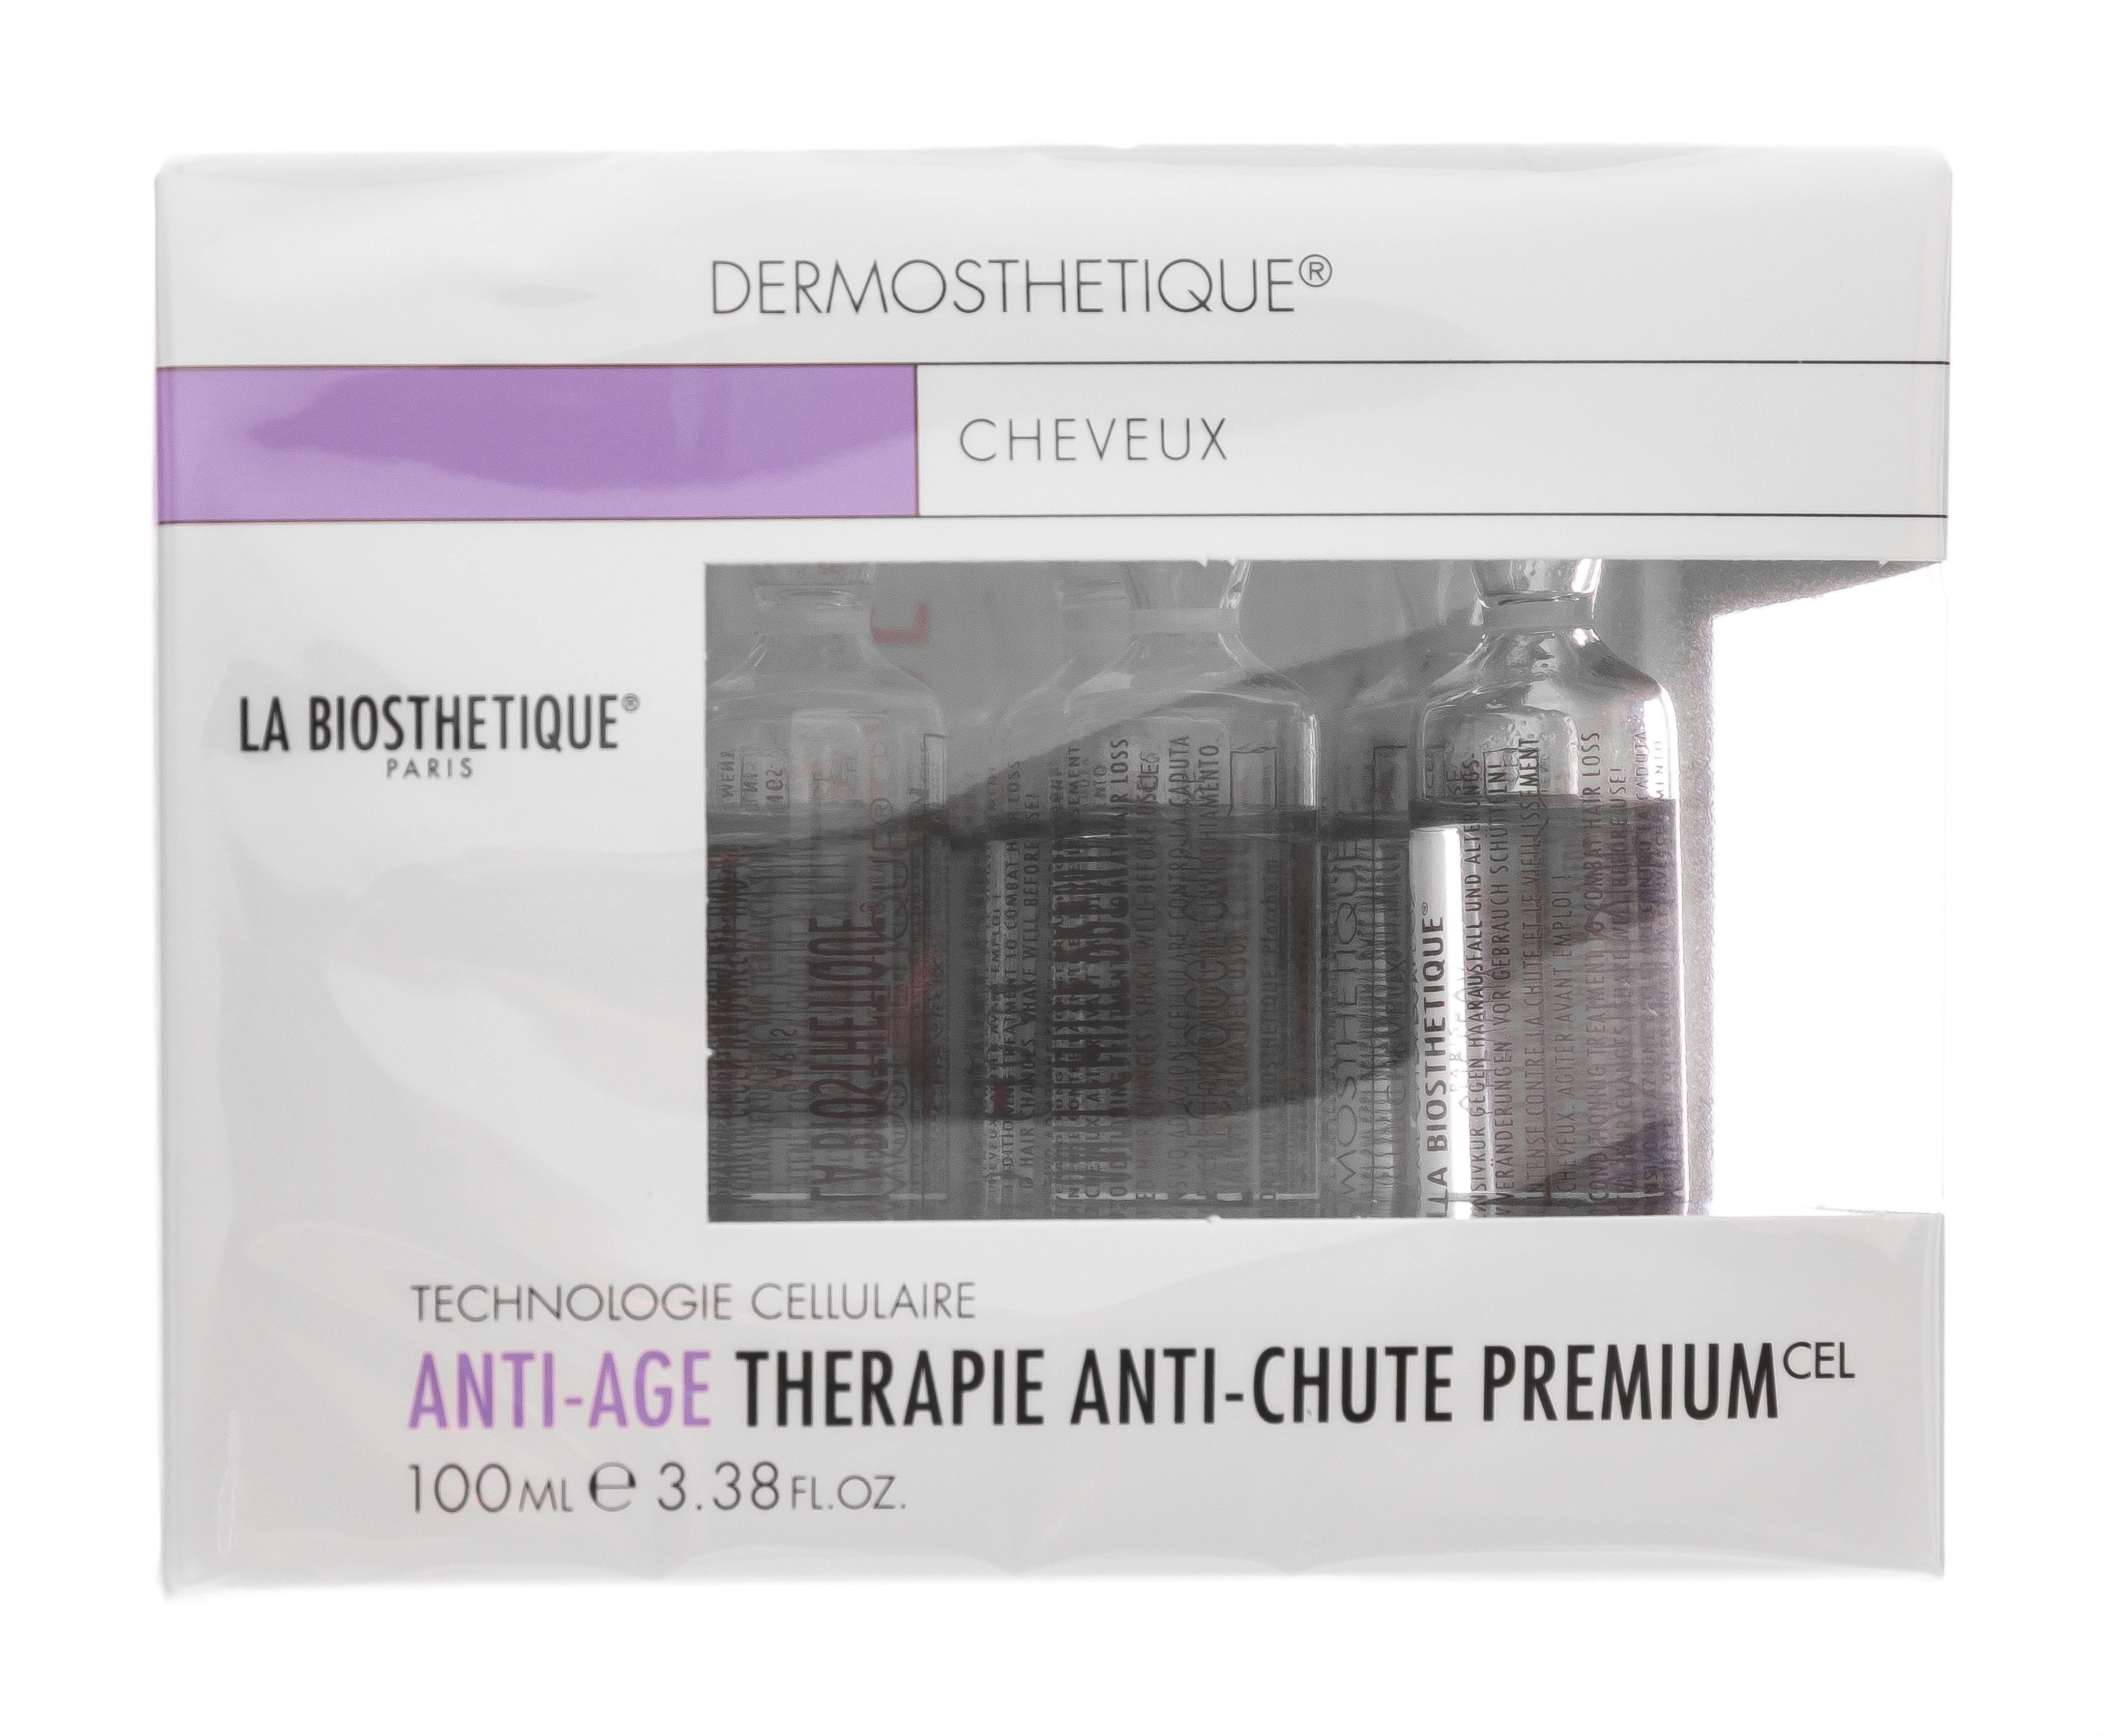 LaBiosthetique Therapie Anti-Chute Premium Клеточно-активный интенсивный уход против выпадения и истончения волос 10 ампул (LaBiosthetique, Выпадение волос)